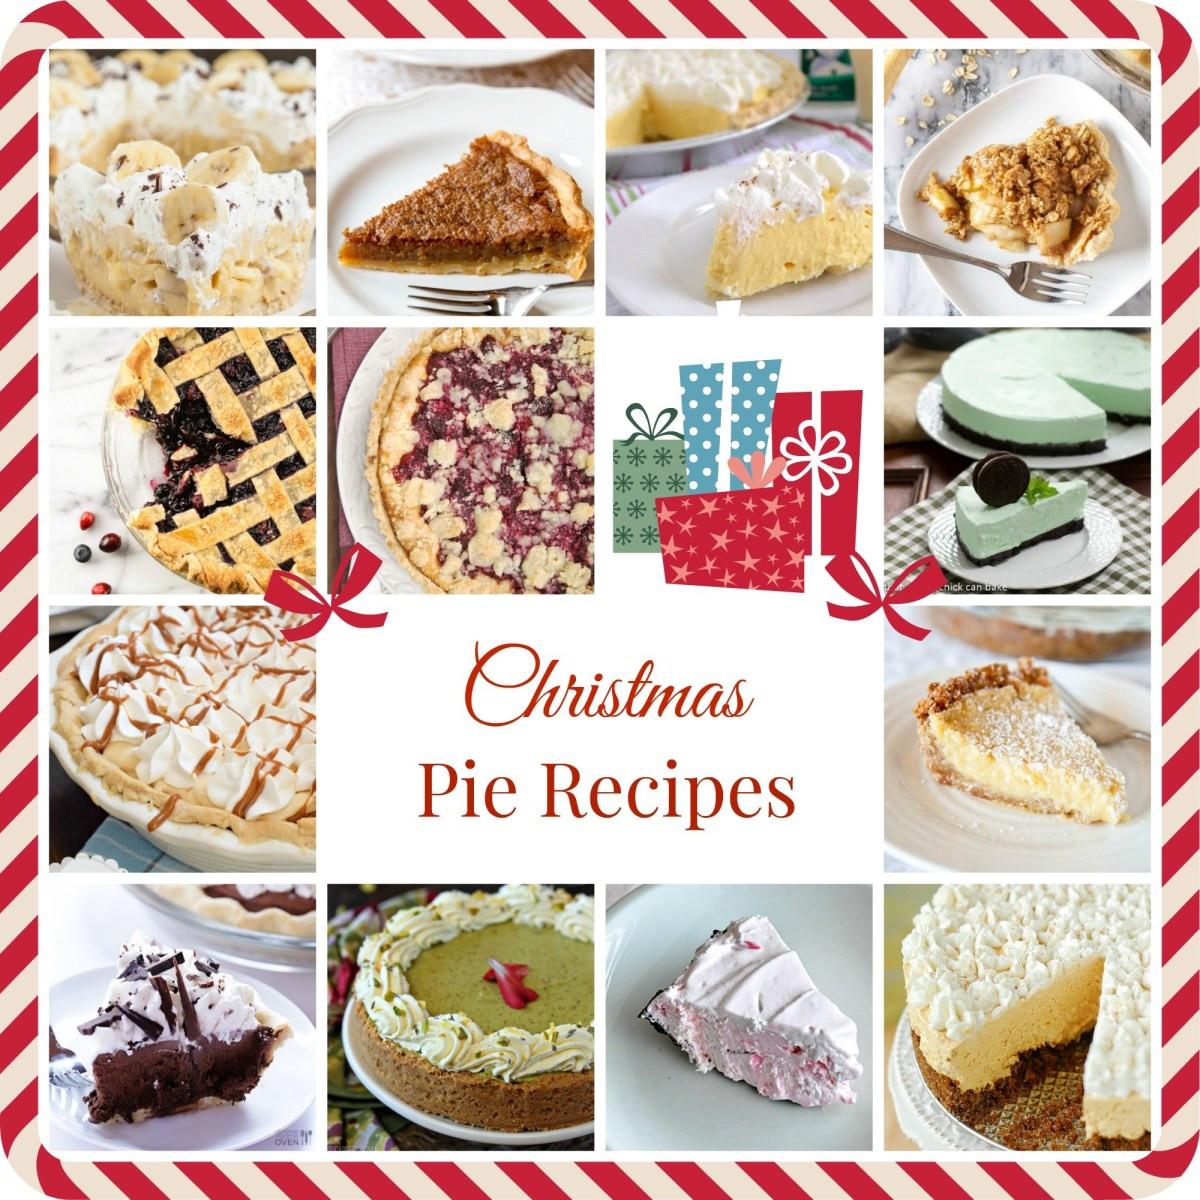 Christmas Pie Recipes  Delicious Christmas Pie Recipes — Today s Every Mom